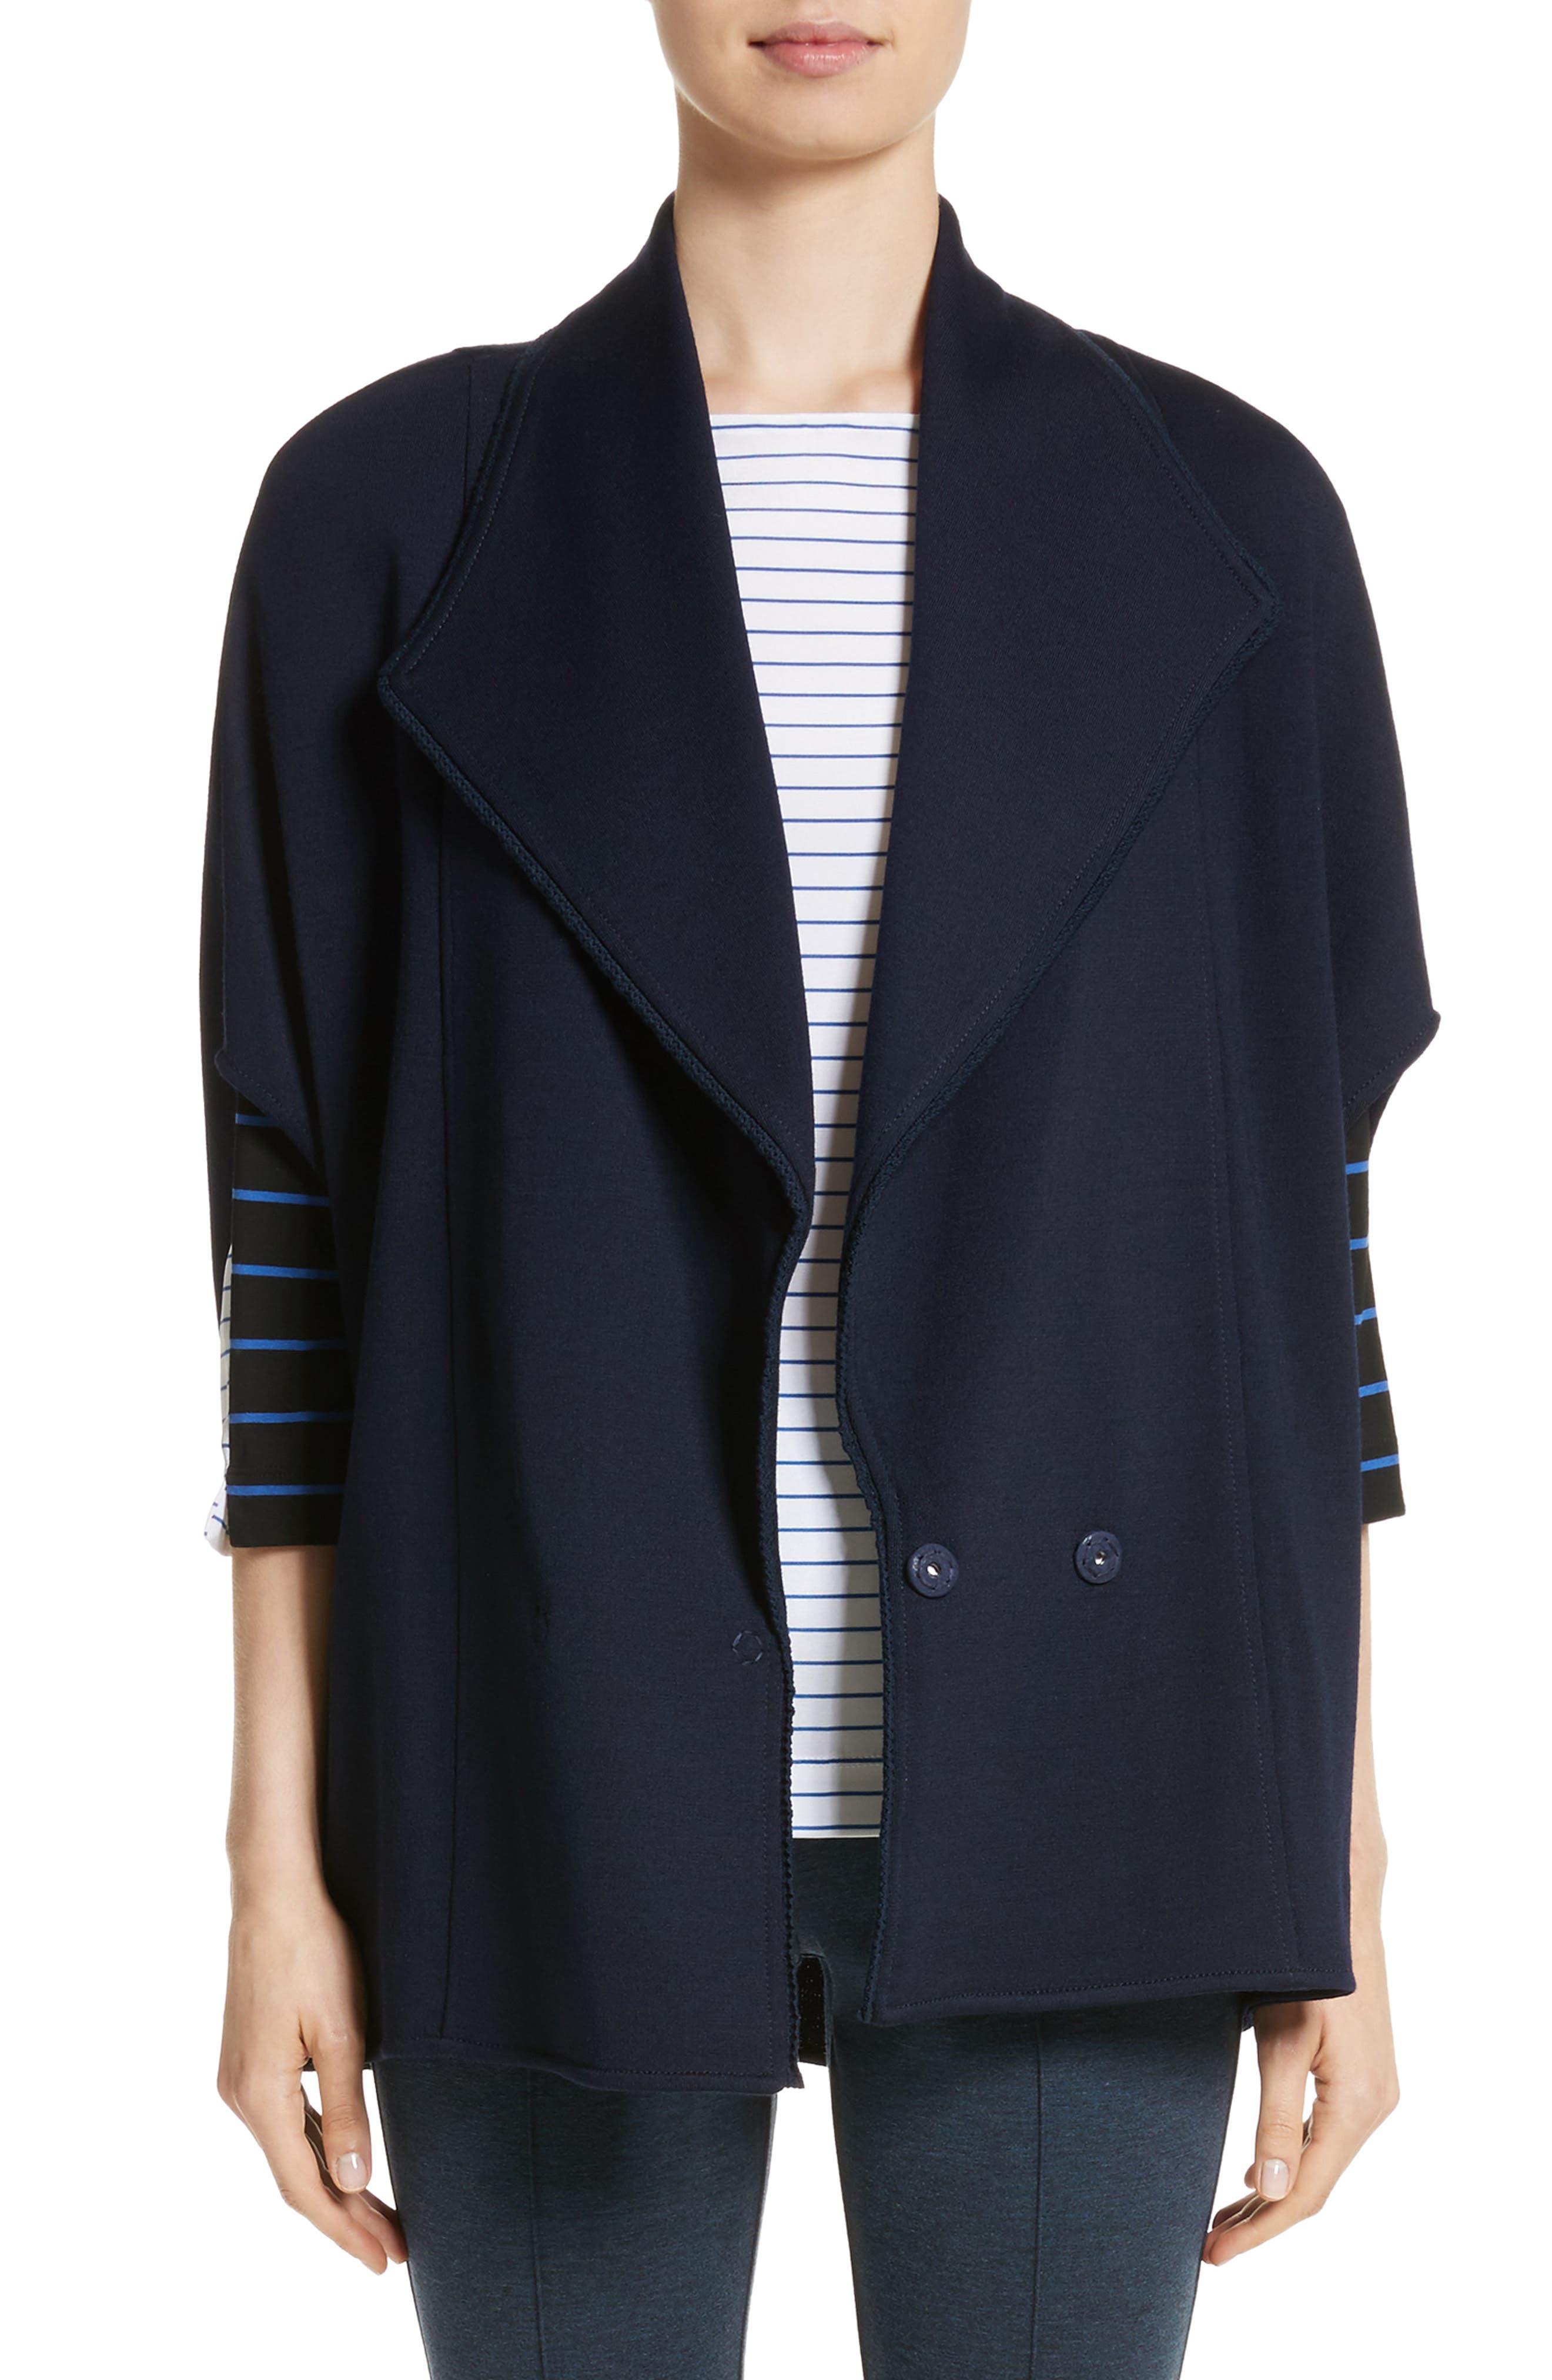 St. John Collection Circular Milano Knit Jacket